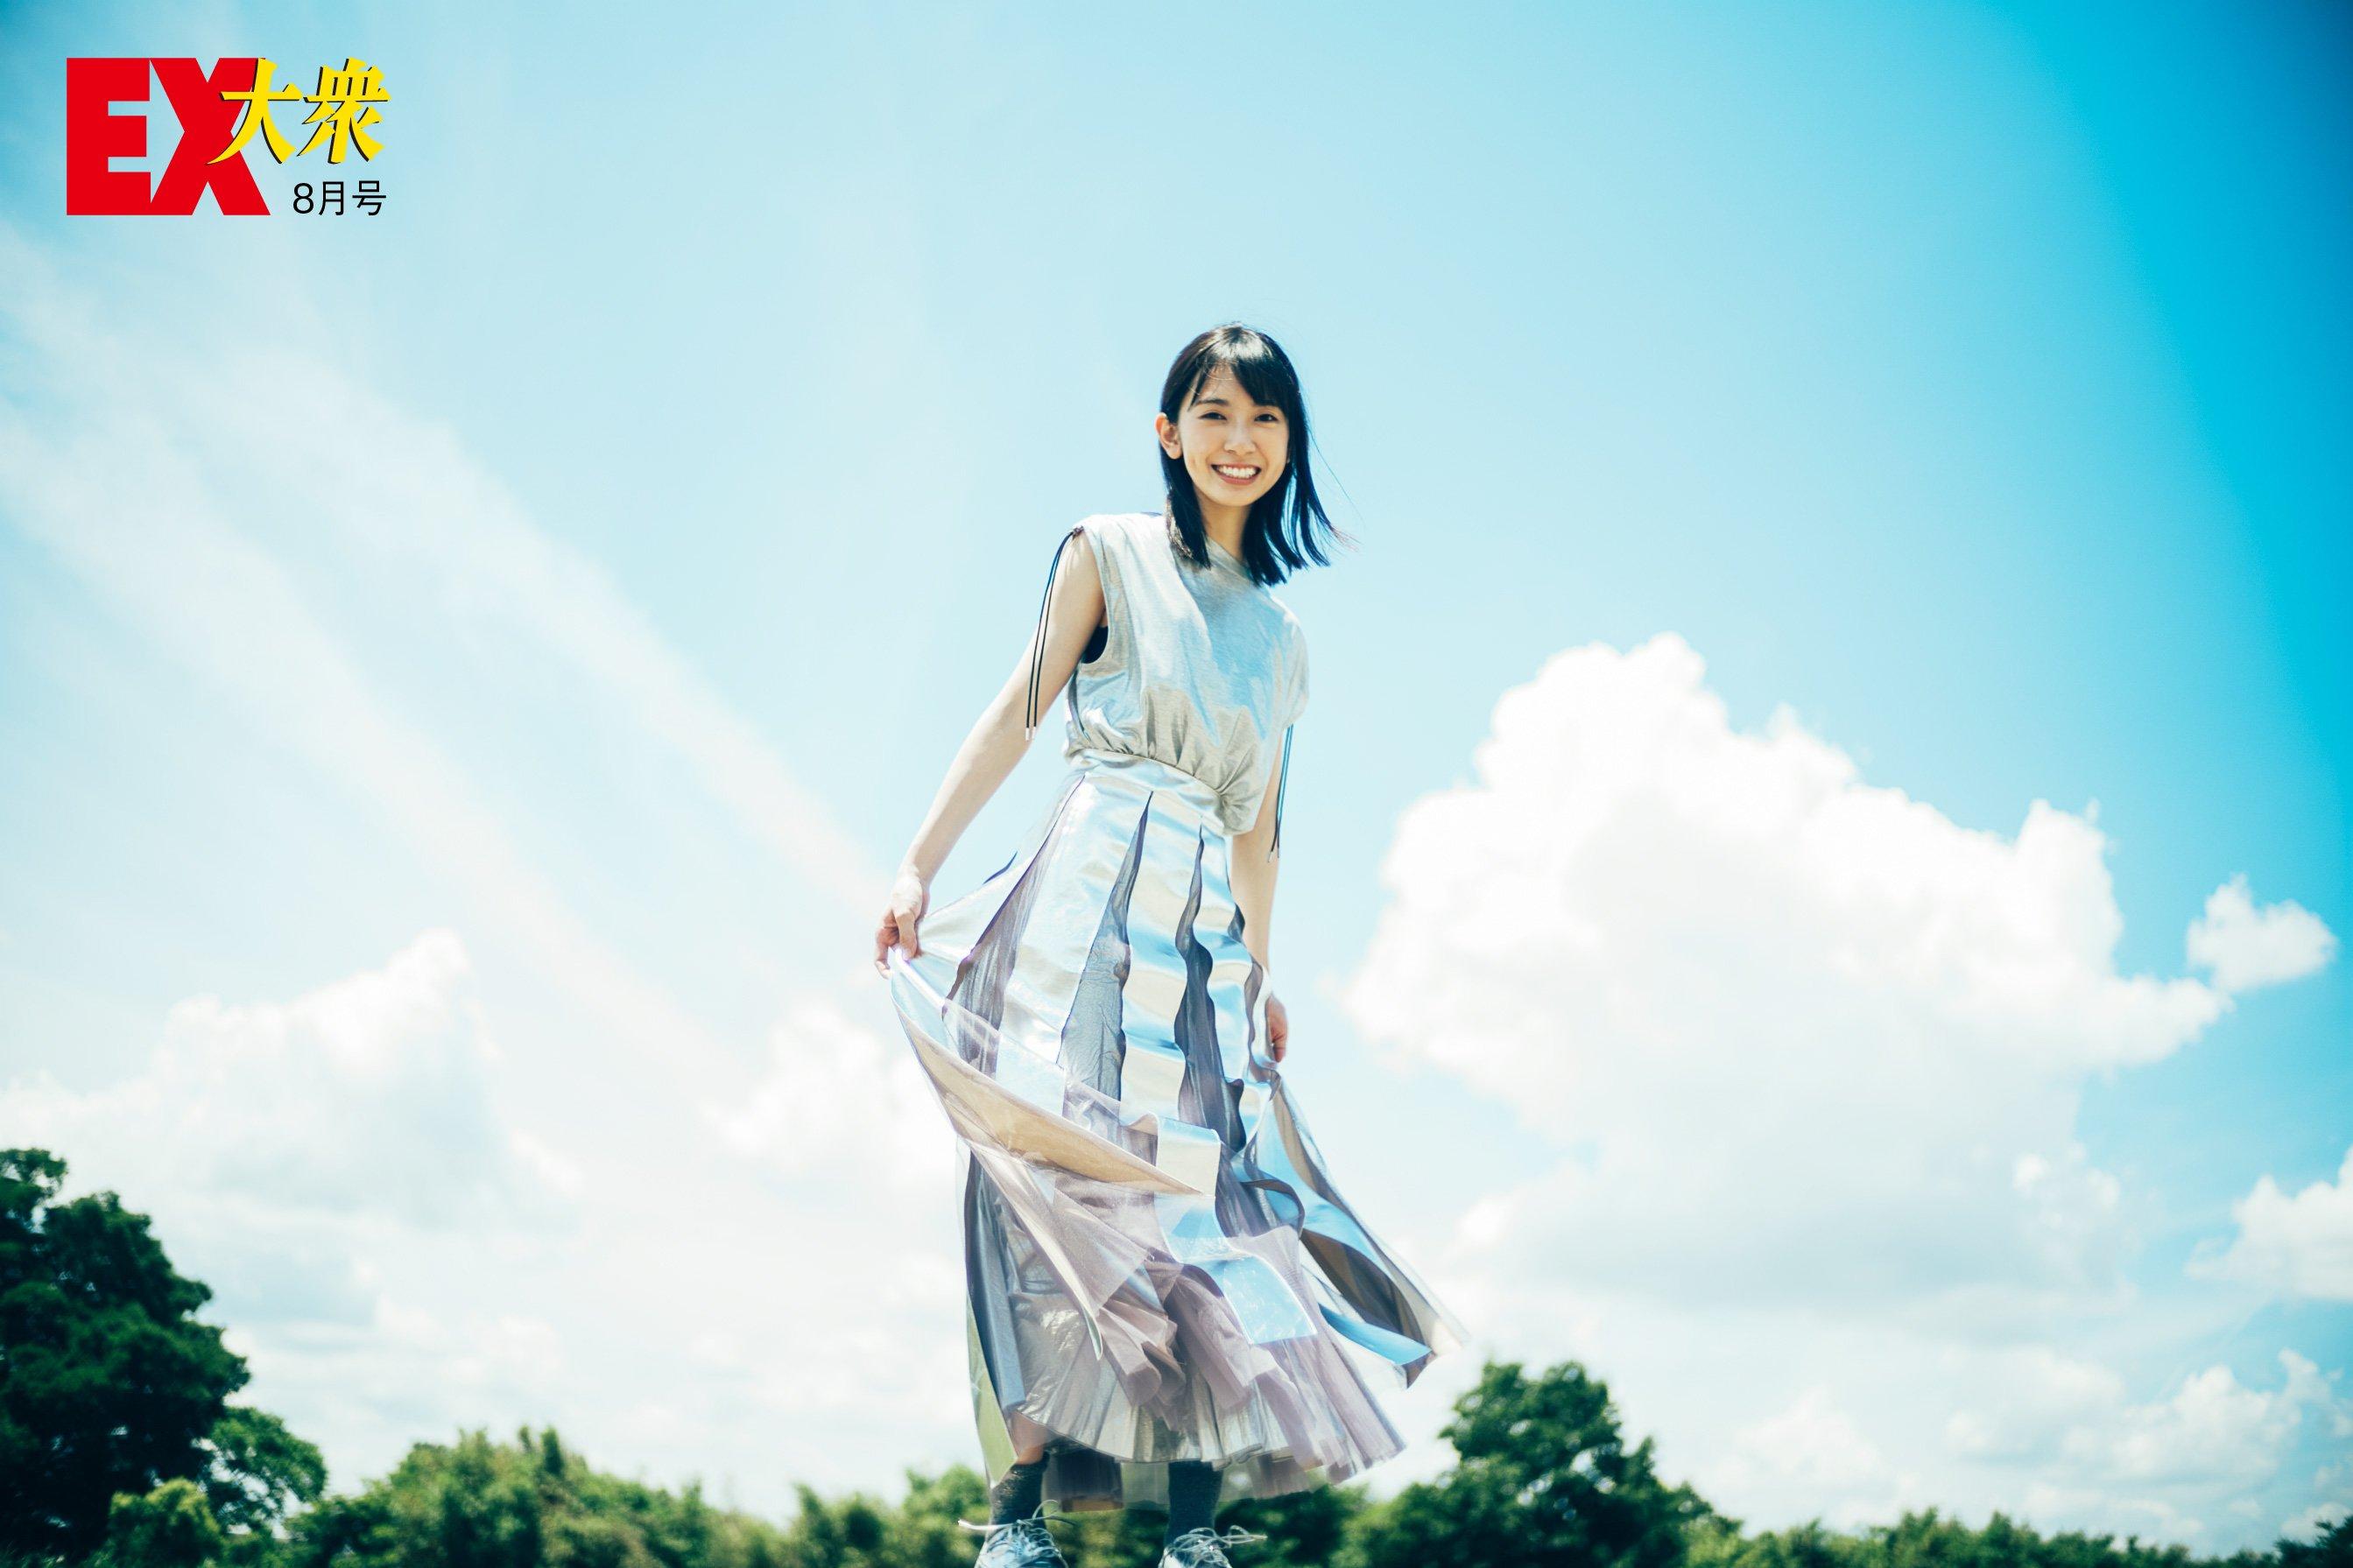 日向坂46金村美玖の本誌未掲載カット6枚を大公開!【EX大衆8月号】の画像003